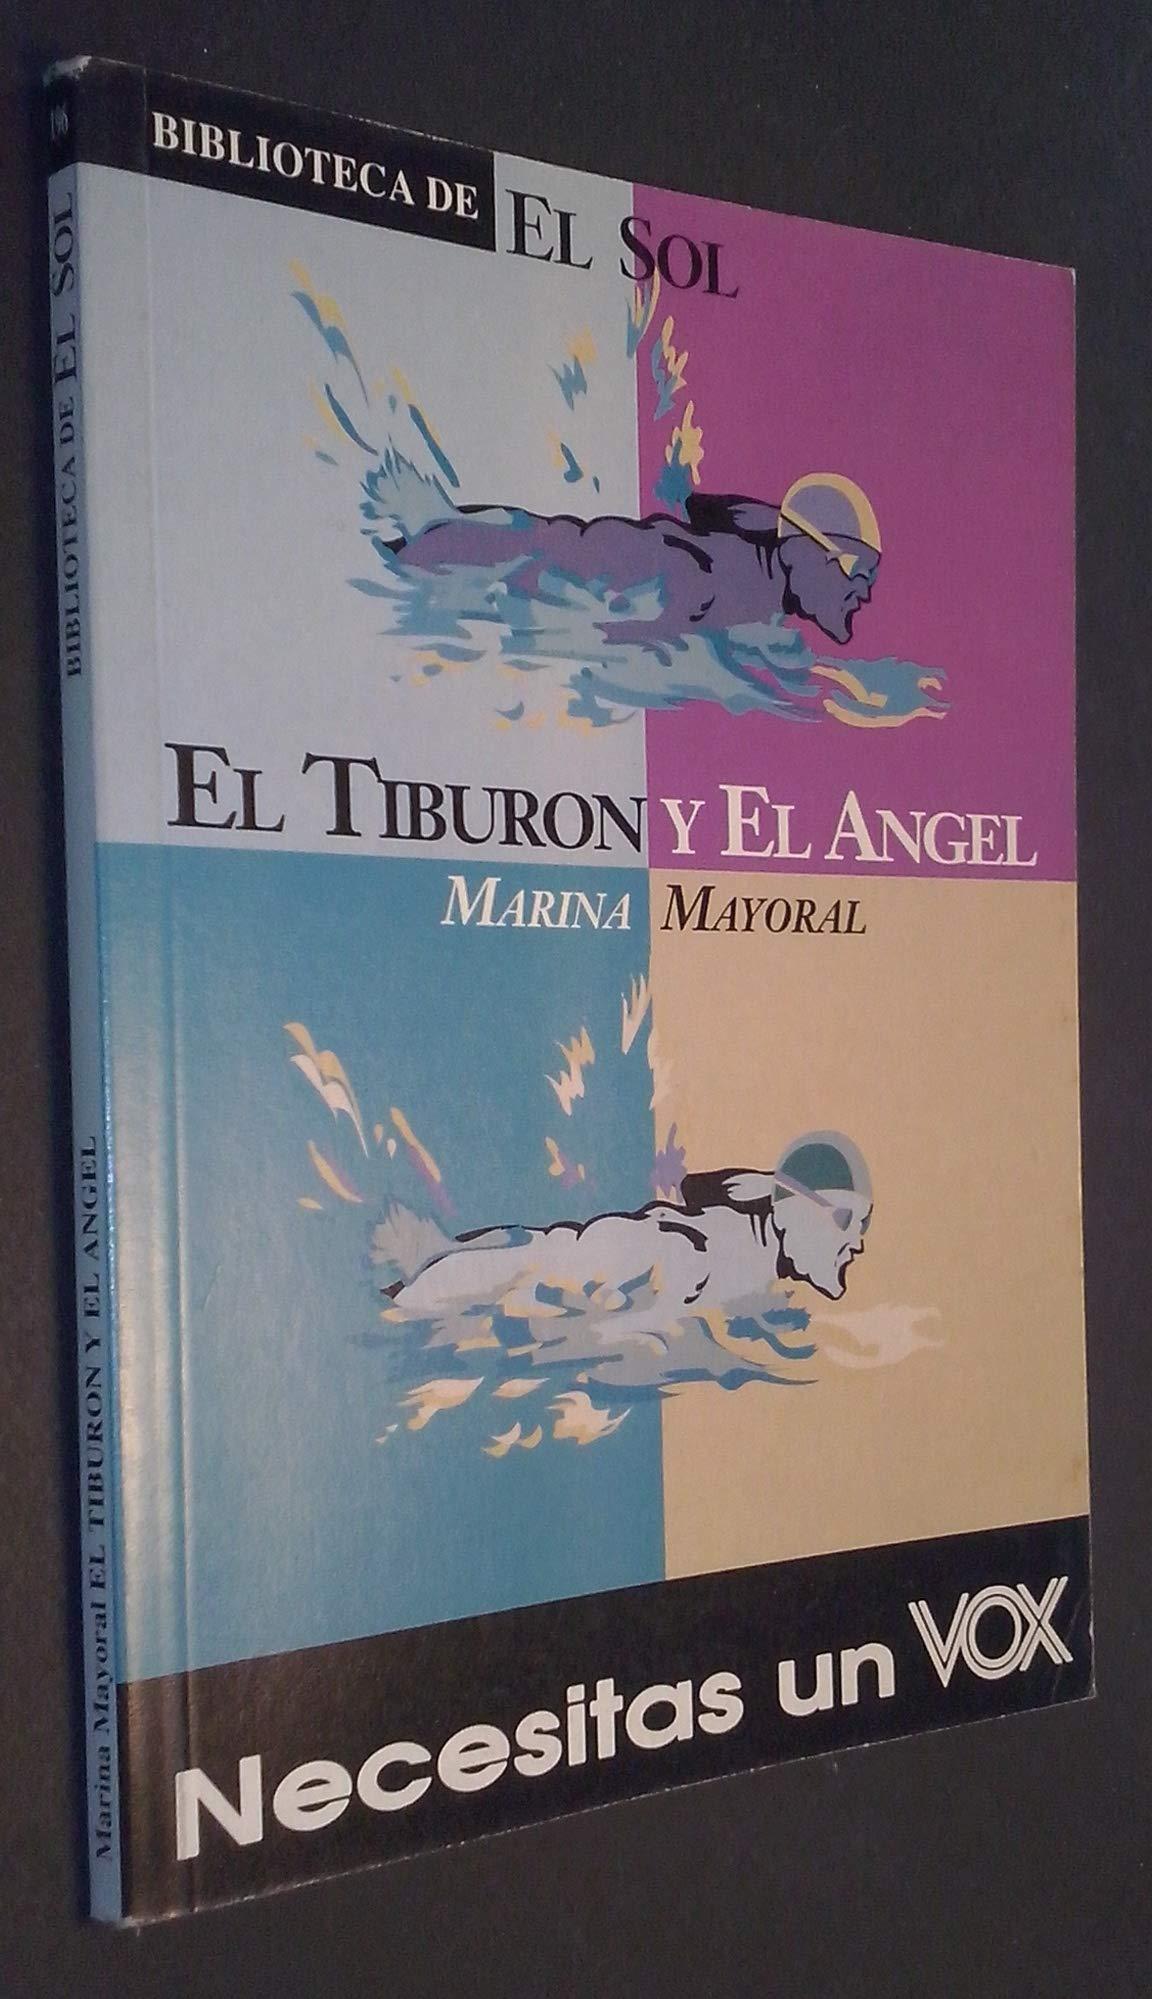 El tiburon y el angel: Amazon.es: Marina Mayoral: Libros